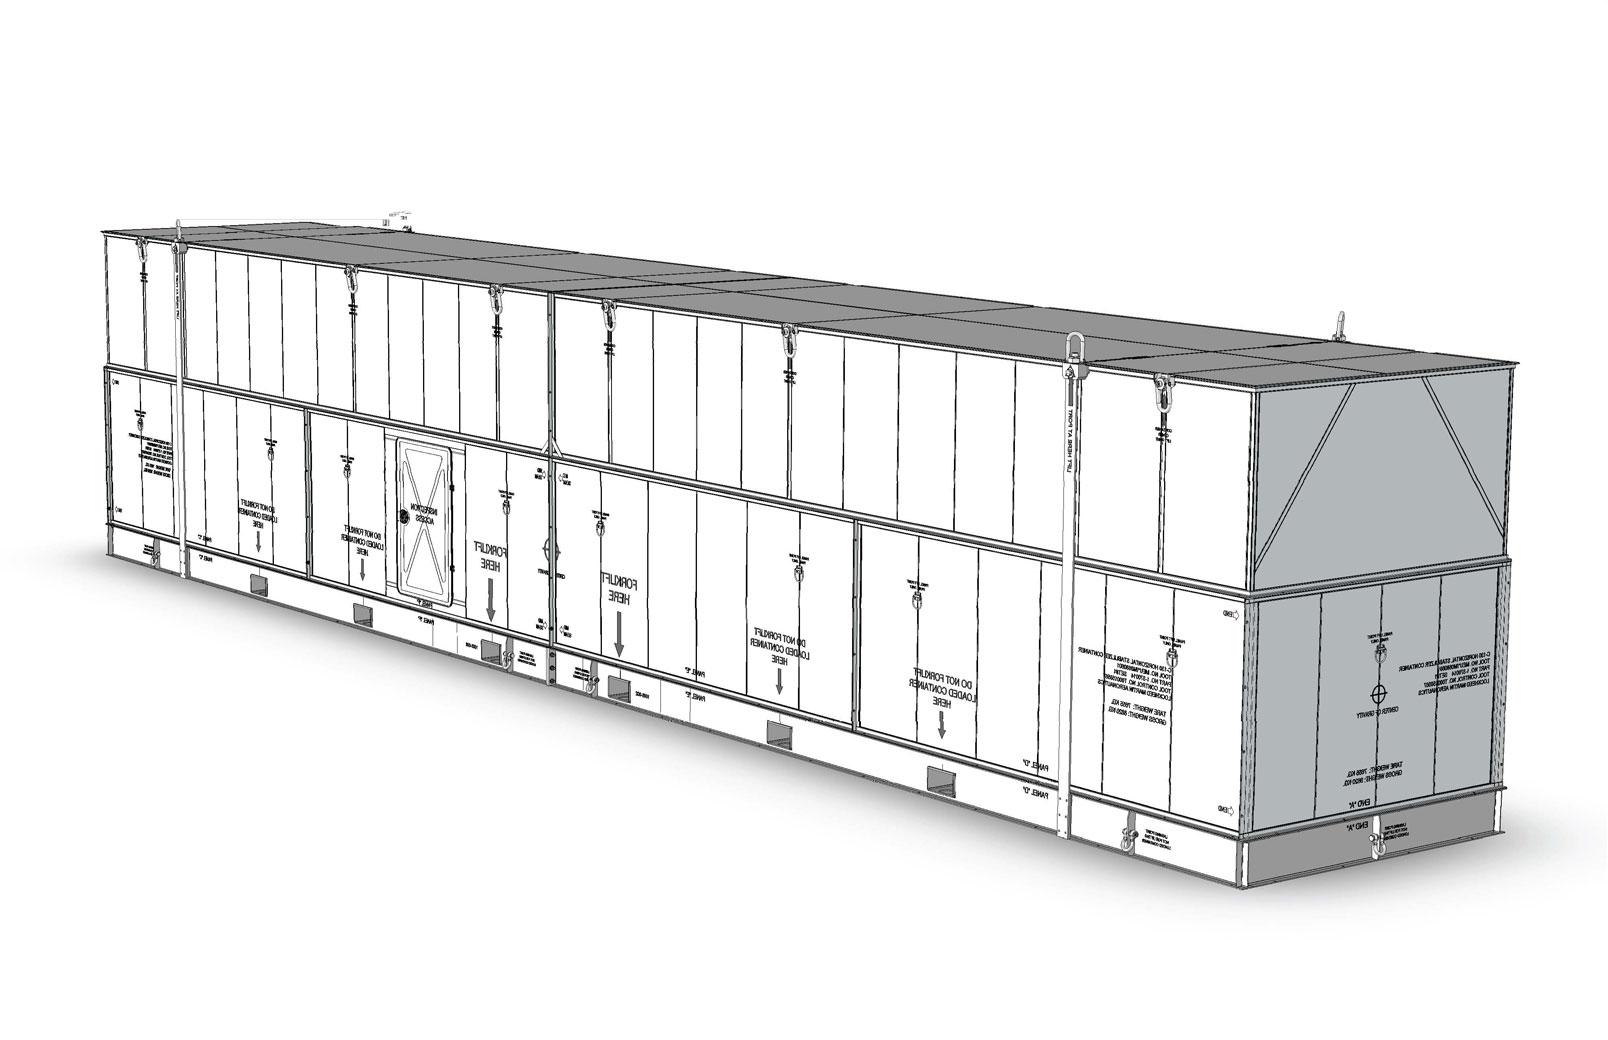 http://www.arprodev.com/images/images1/cargo2.jpg